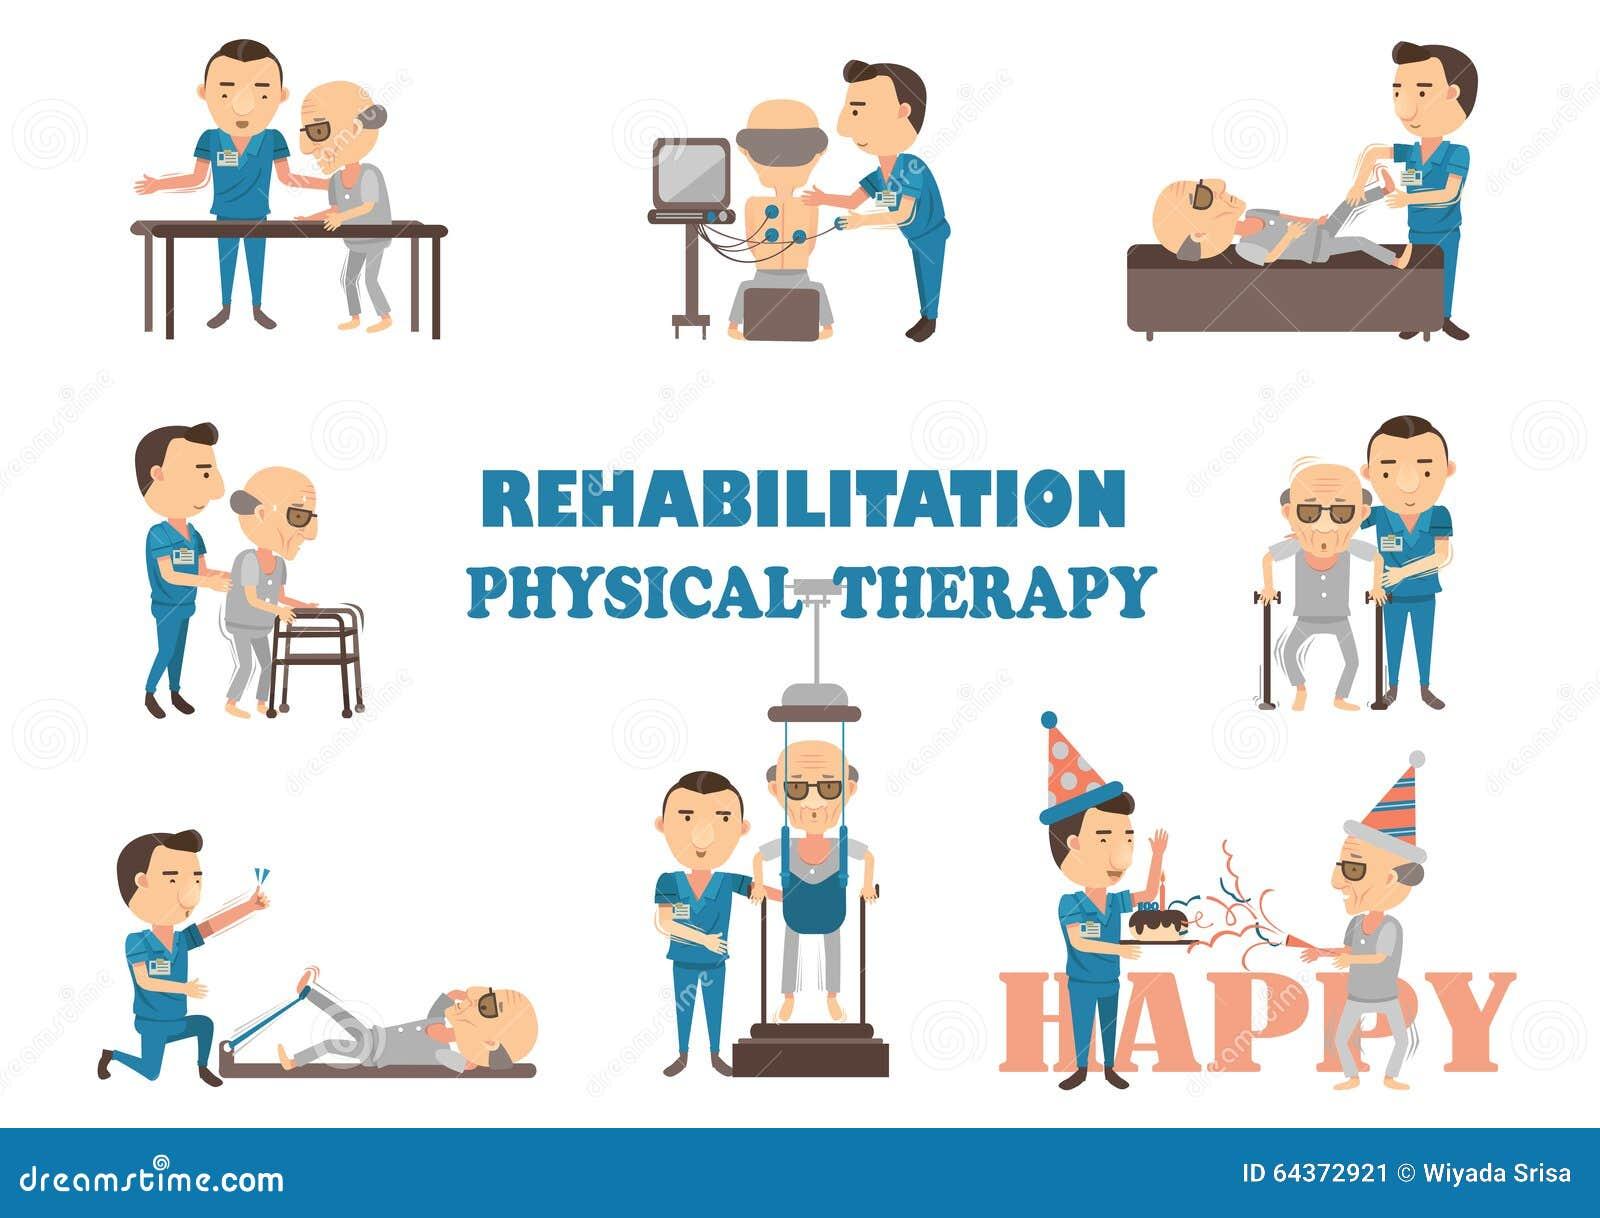 A hidroterapia na reabilitação de pacientes com doença de parkinson uma alternativa viável 2